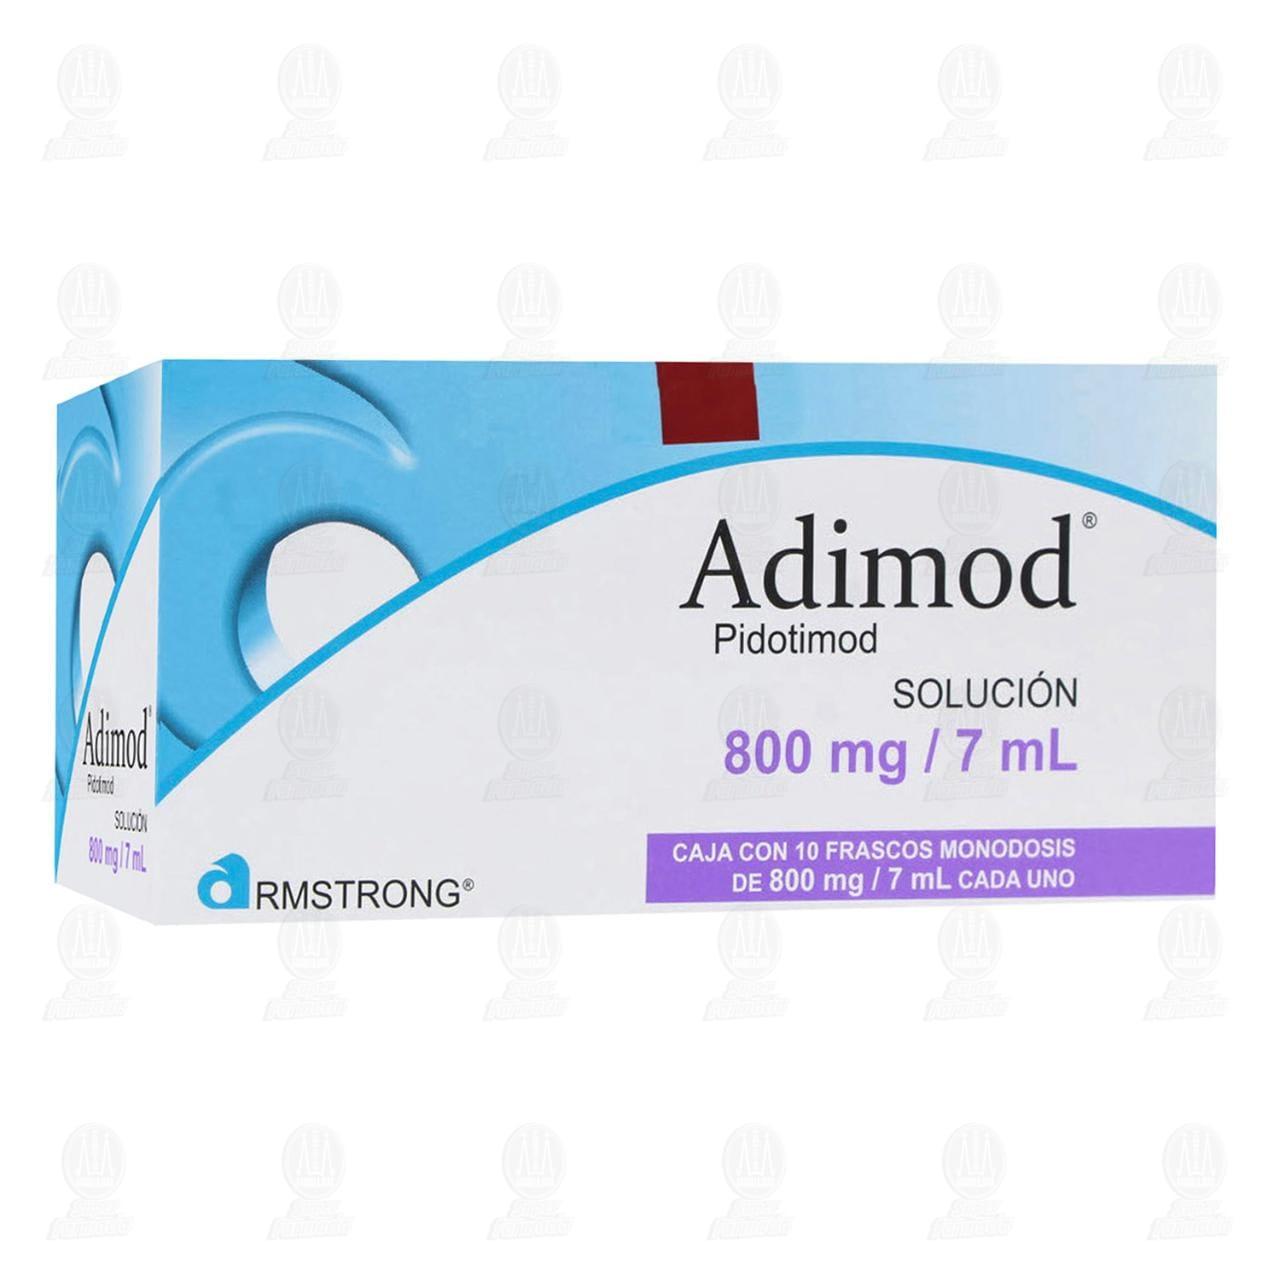 comprar https://www.movil.farmaciasguadalajara.com/wcsstore/FGCAS/wcs/products/613118_A_1280_AL.jpg en farmacias guadalajara